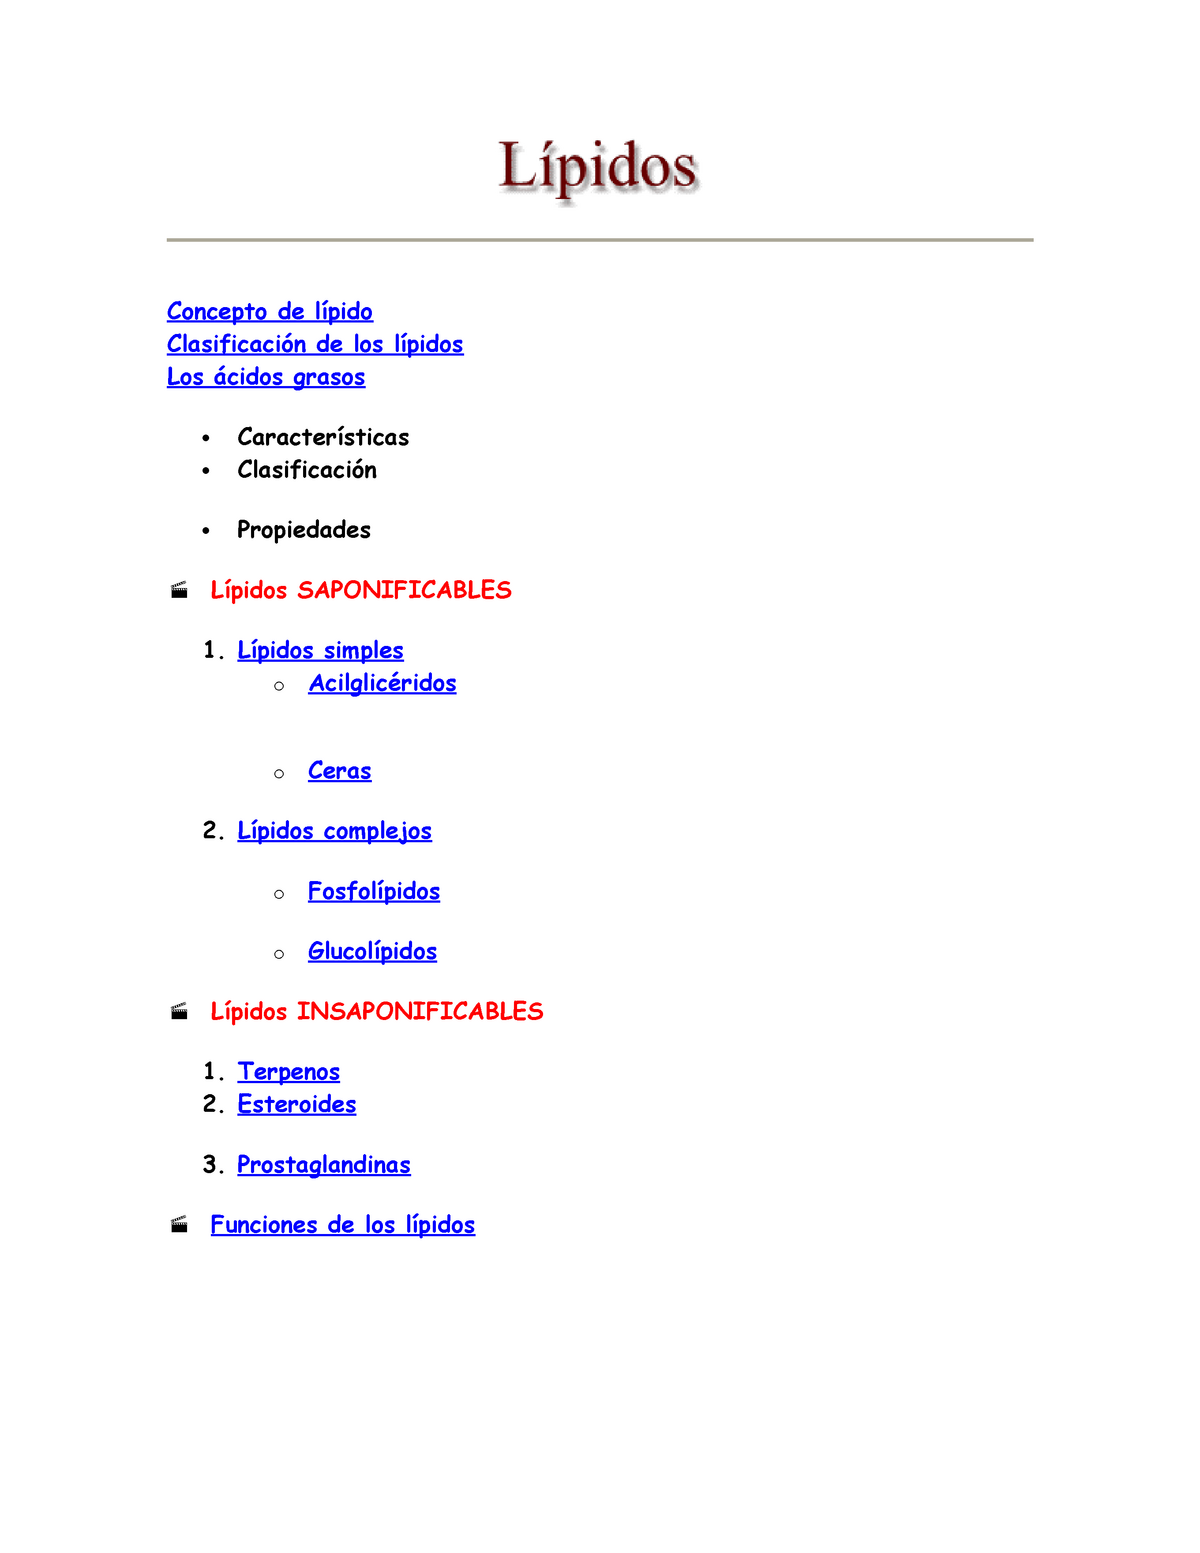 7 Lipidos Bioquimica 1 Unica Studocu